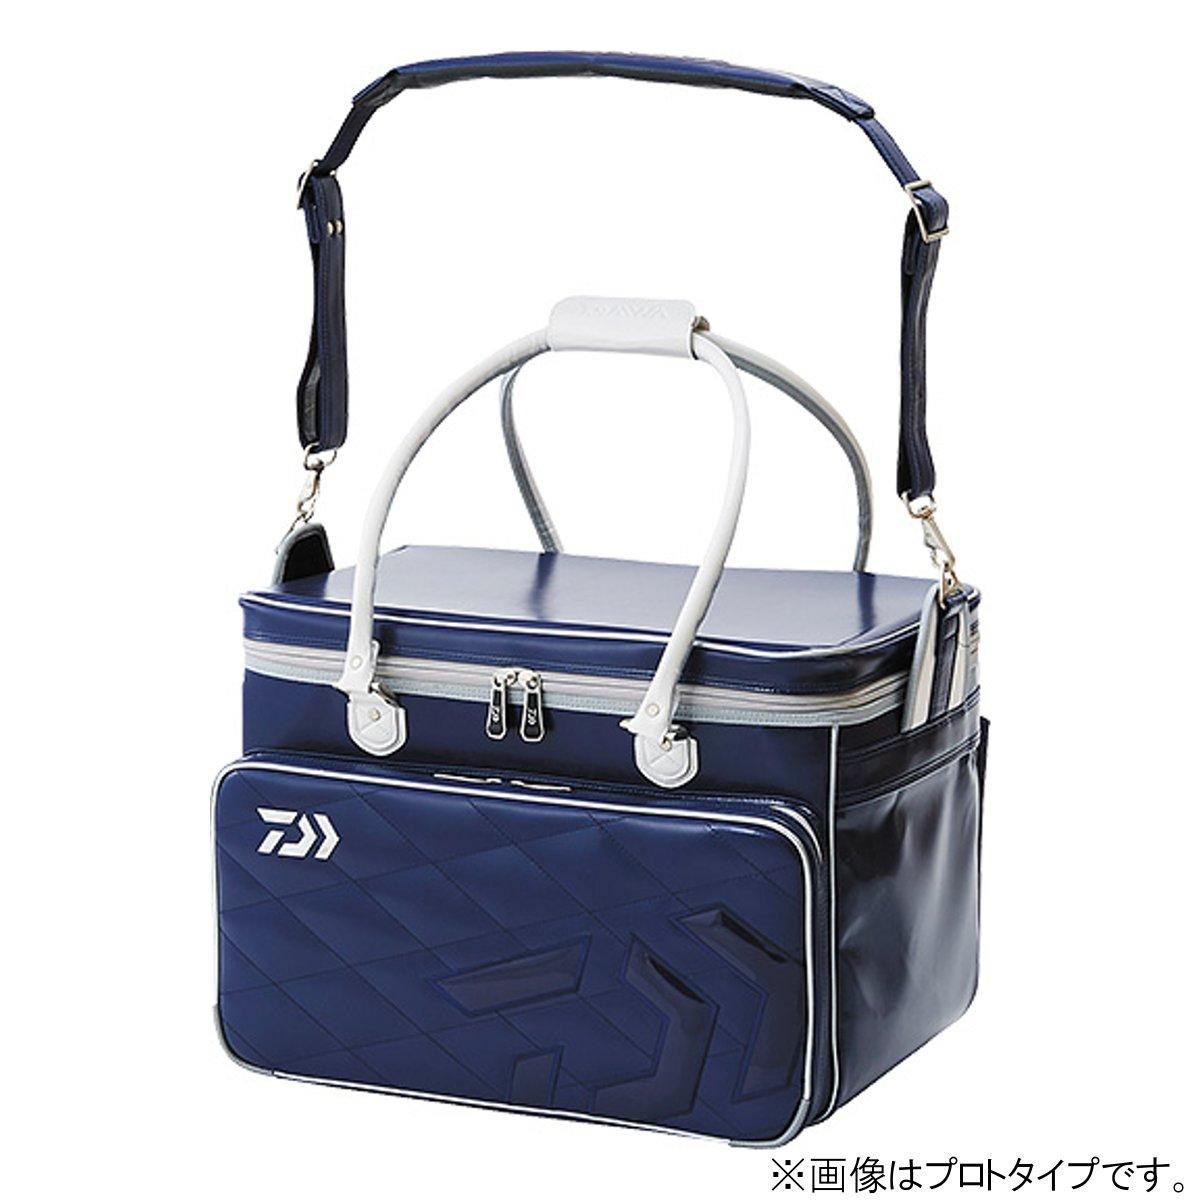 ダイワ ダイワ 38(F) へらバッグ 38(F) へらバッグ ネイビーブルー(東日本店), でんKING:09702fdf --- officewill.xsrv.jp